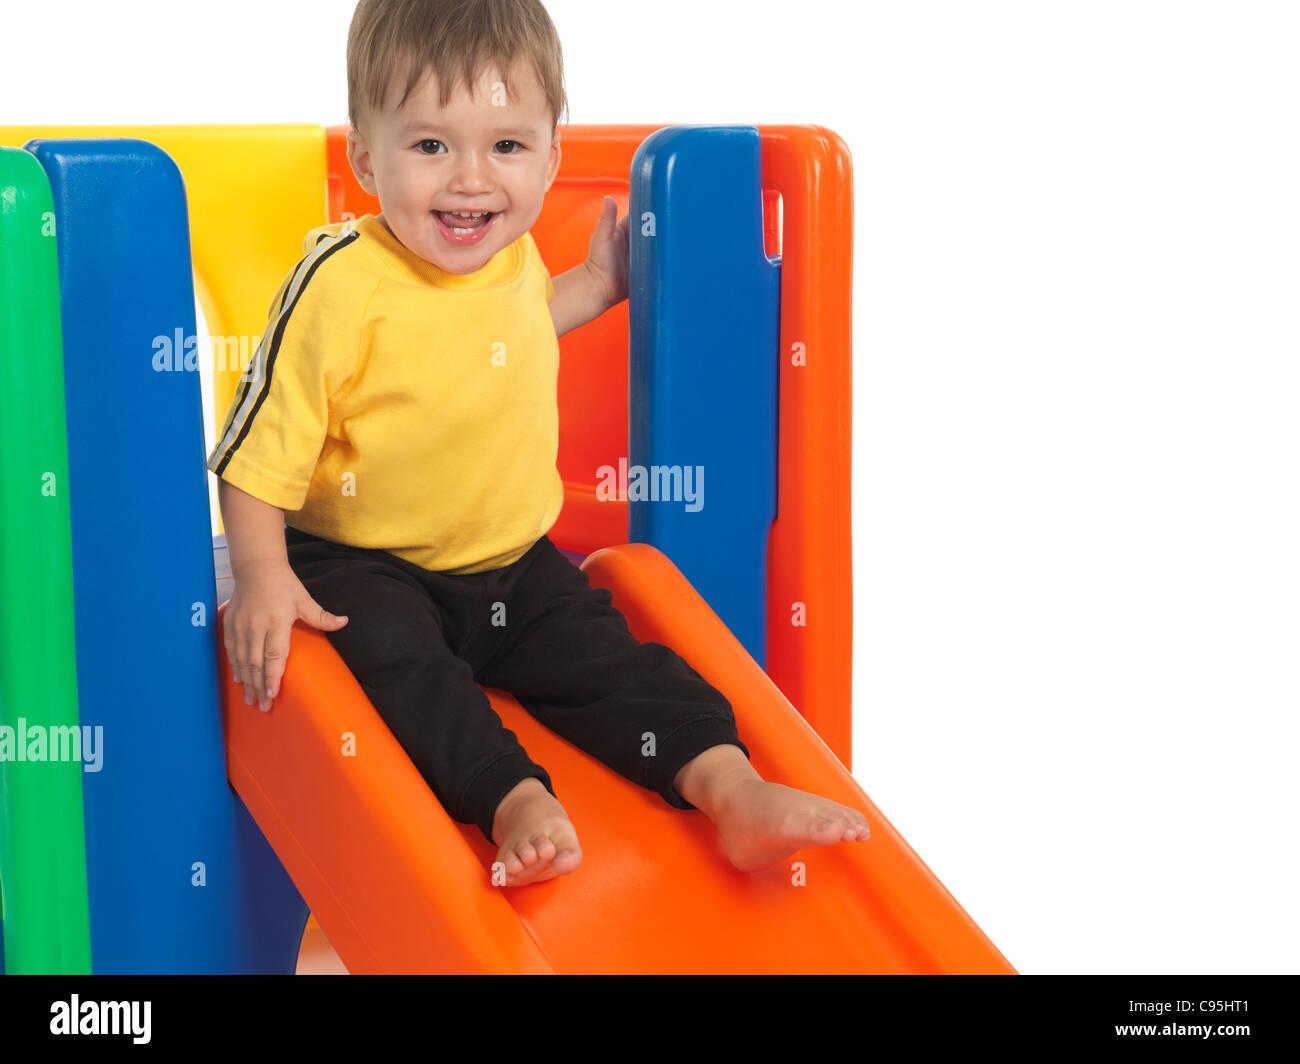 Feliz año y medio de edad en una diapositiva. Aislado sobre fondo blanco. Imagen De Stock